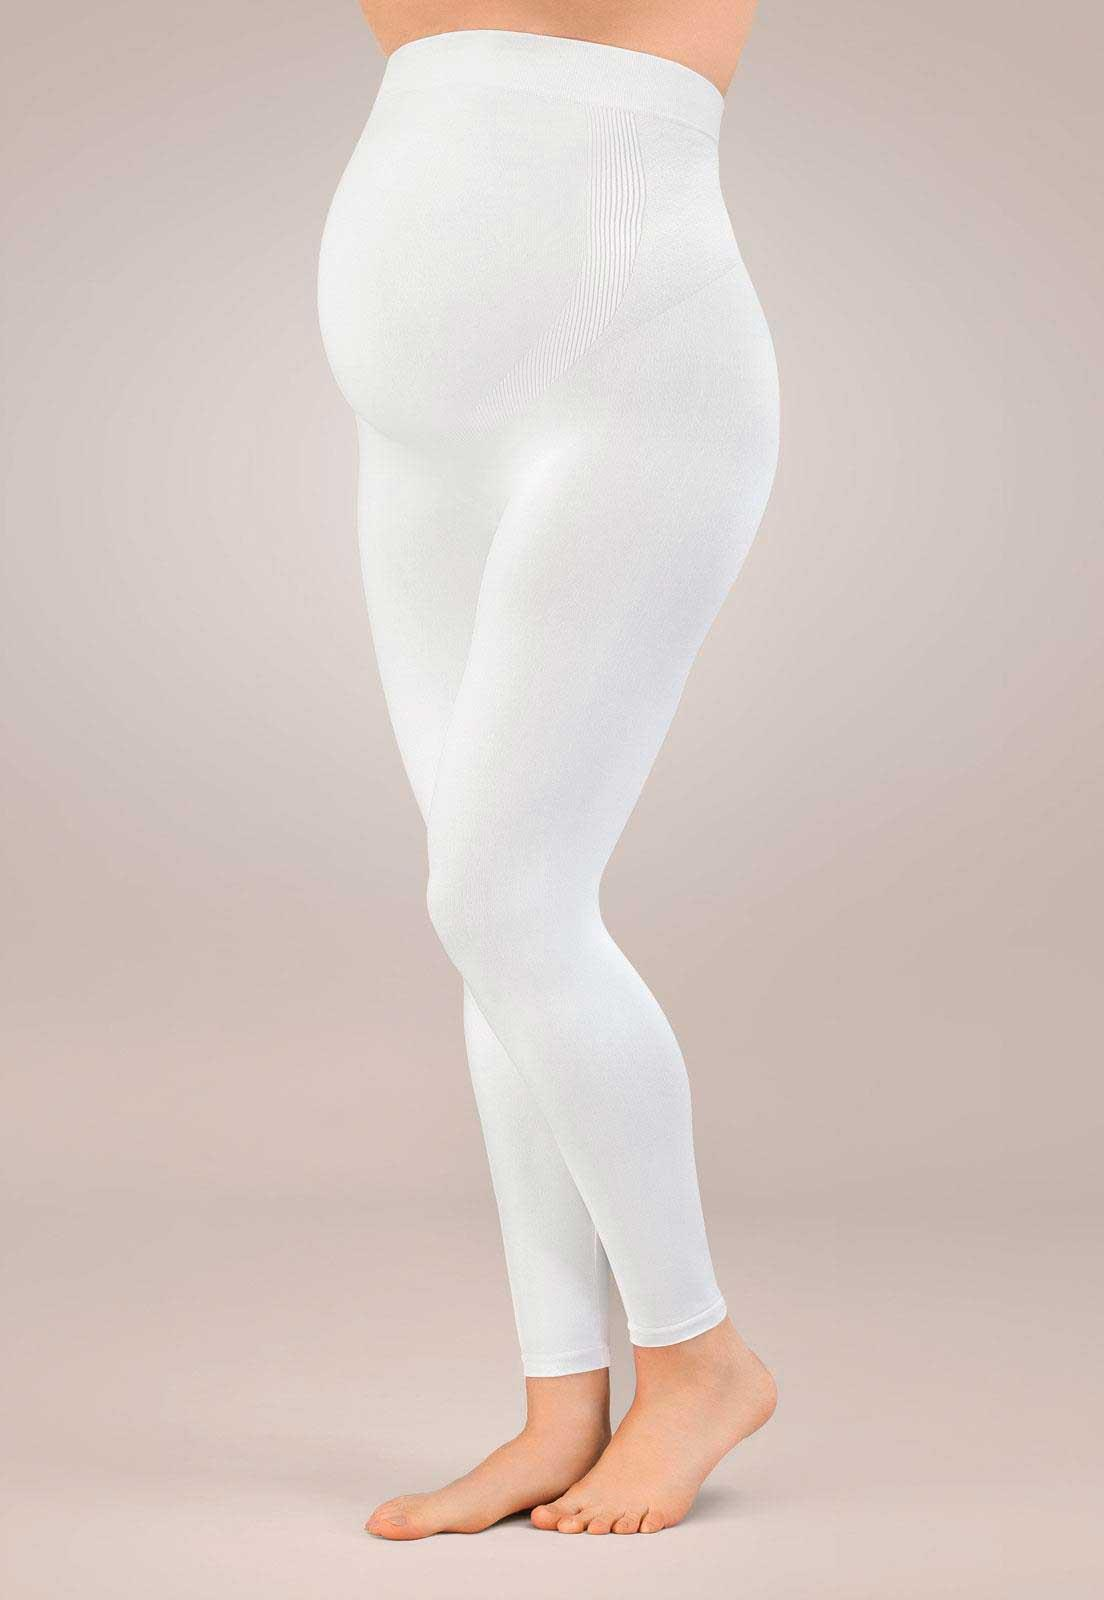 cc78a30d7 Legging Gestante 50044 Plié